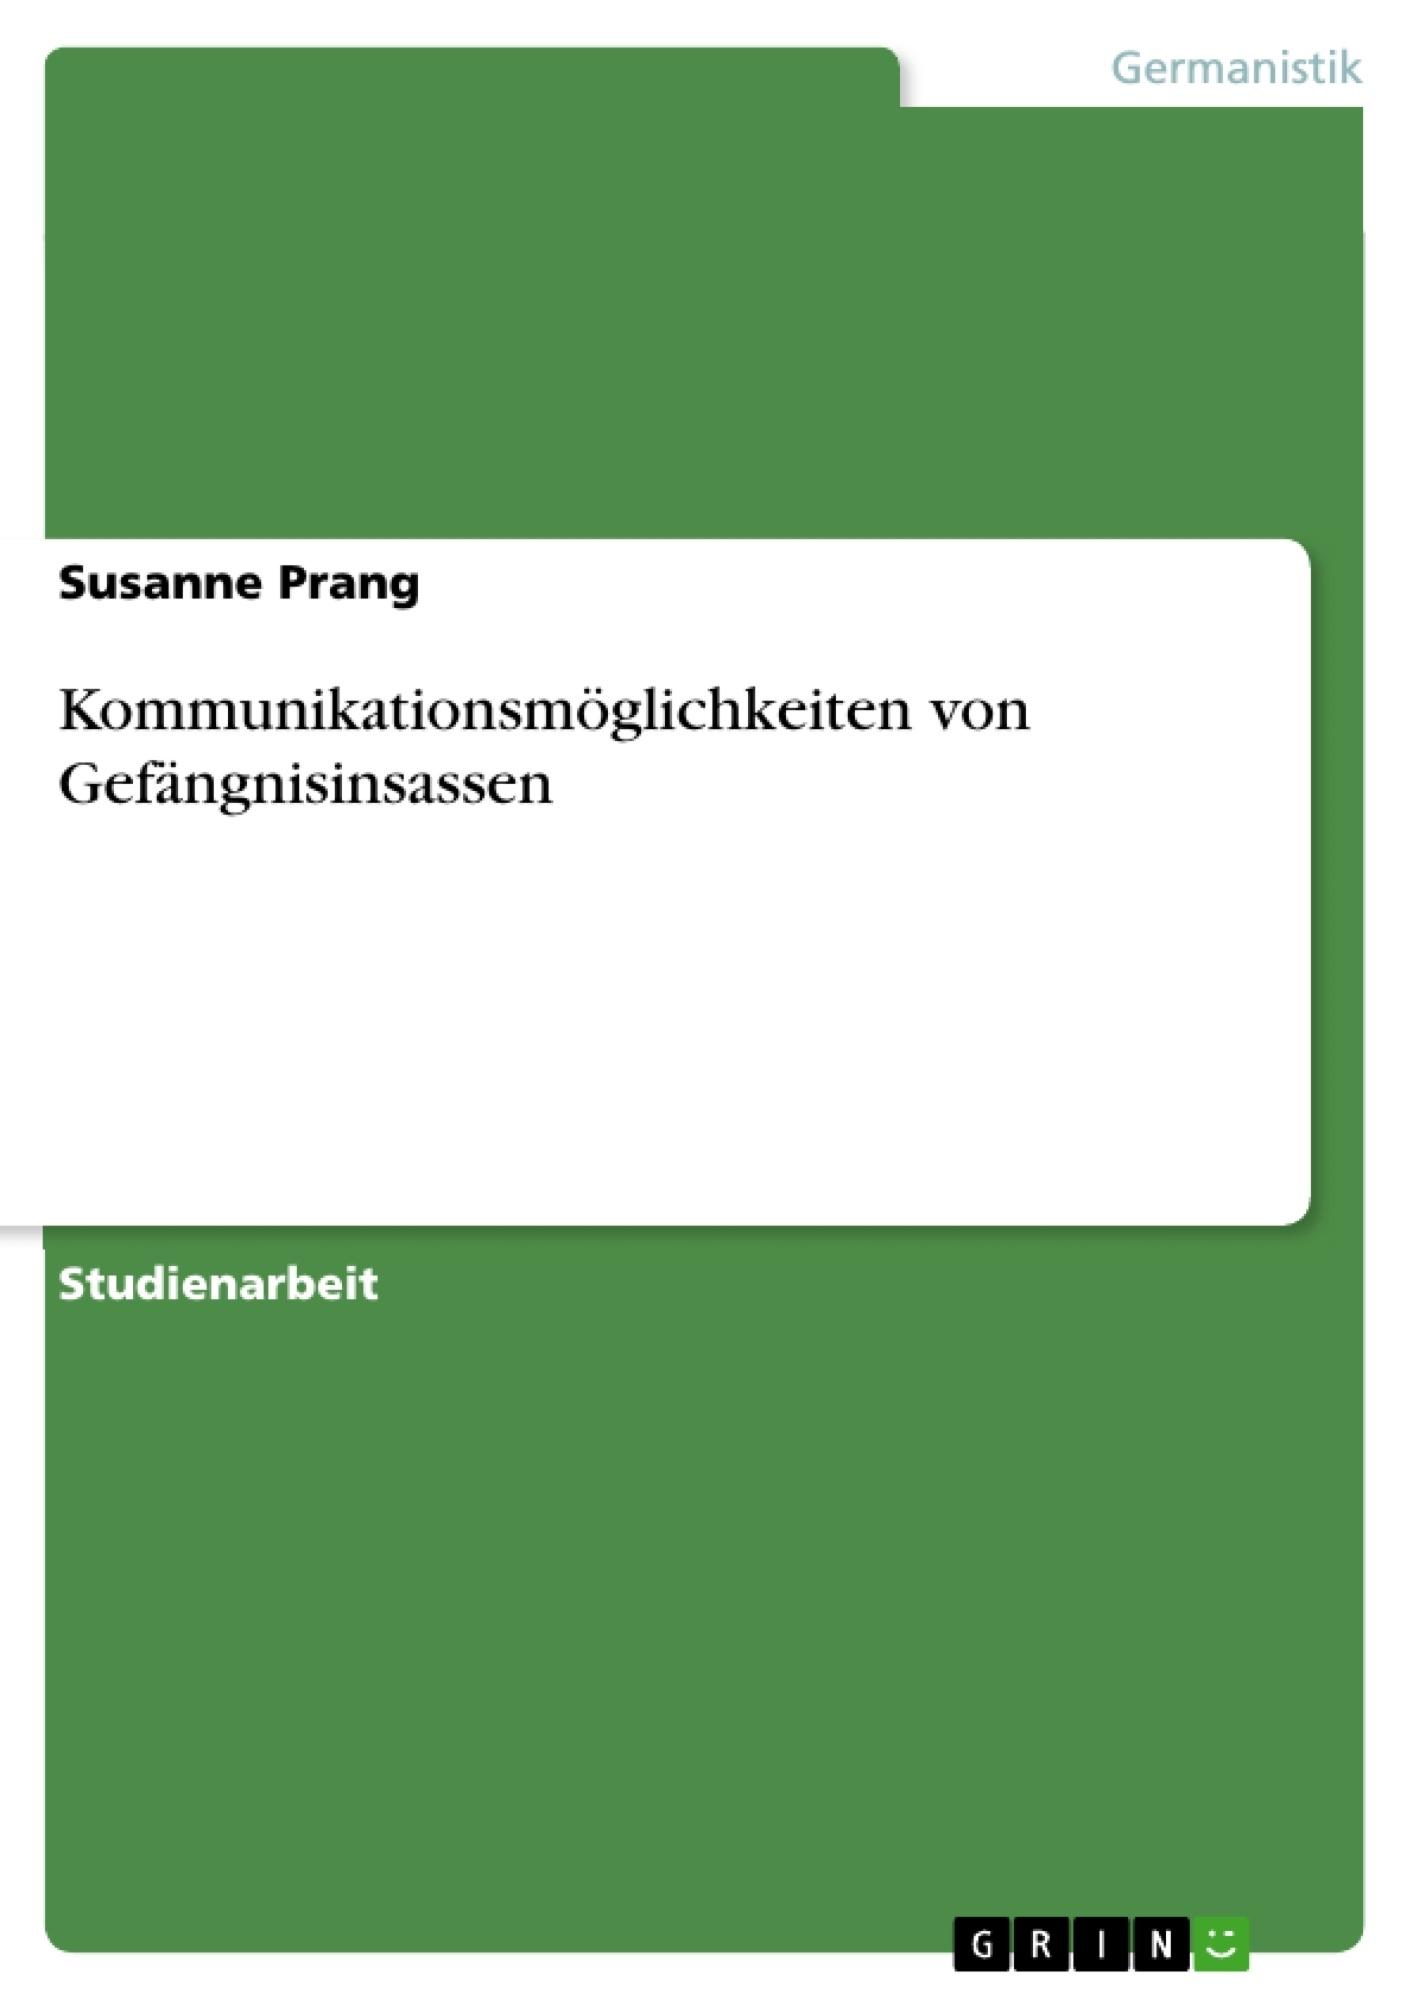 Titel: Kommunikationsmöglichkeiten von Gefängnisinsassen